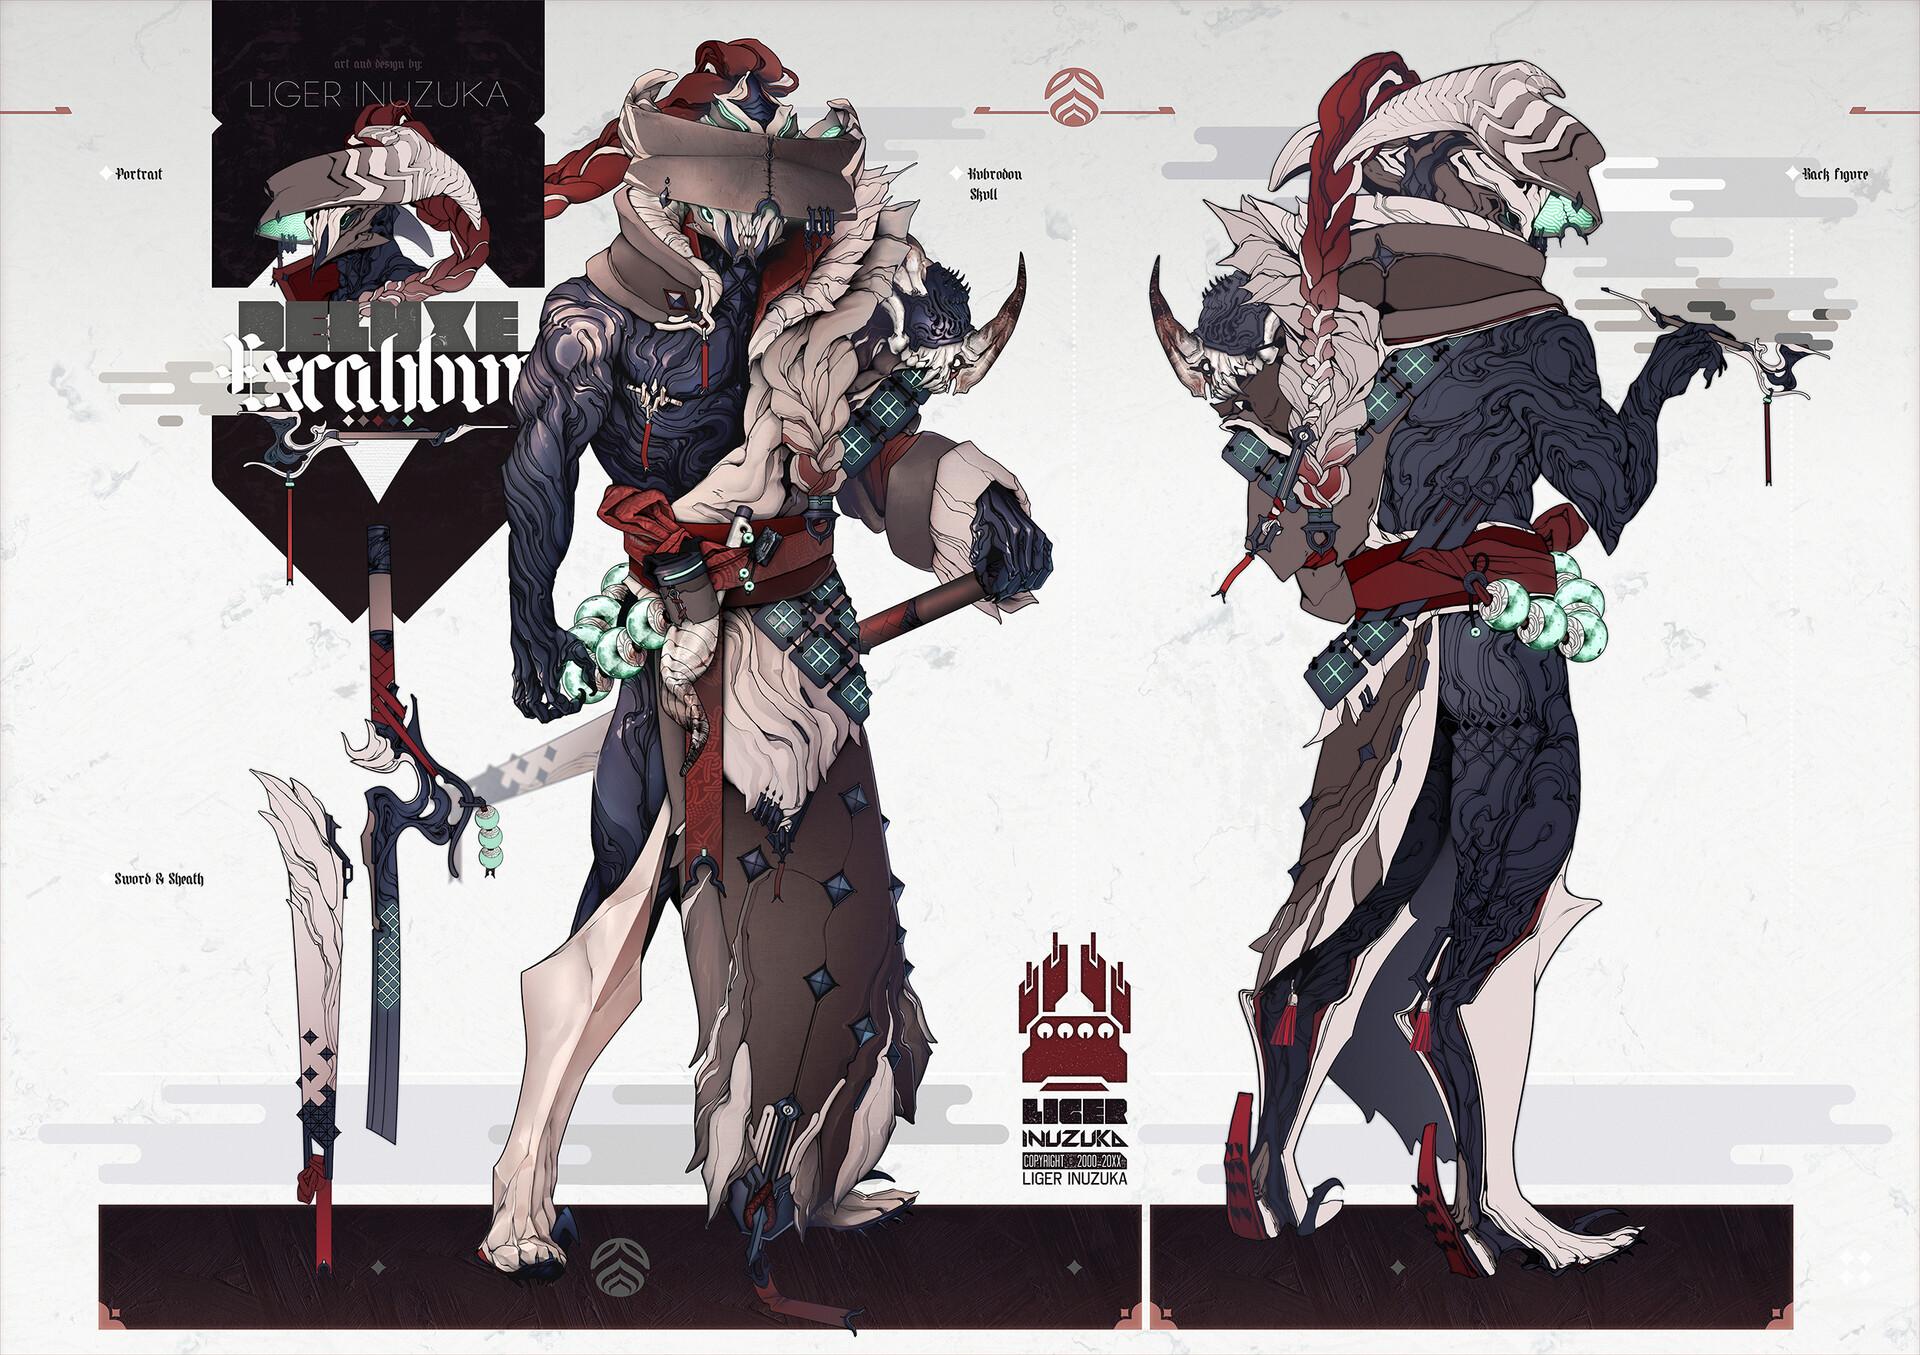 Liger inuzuka excalibur deluxe final by liger inuzuka 2500px